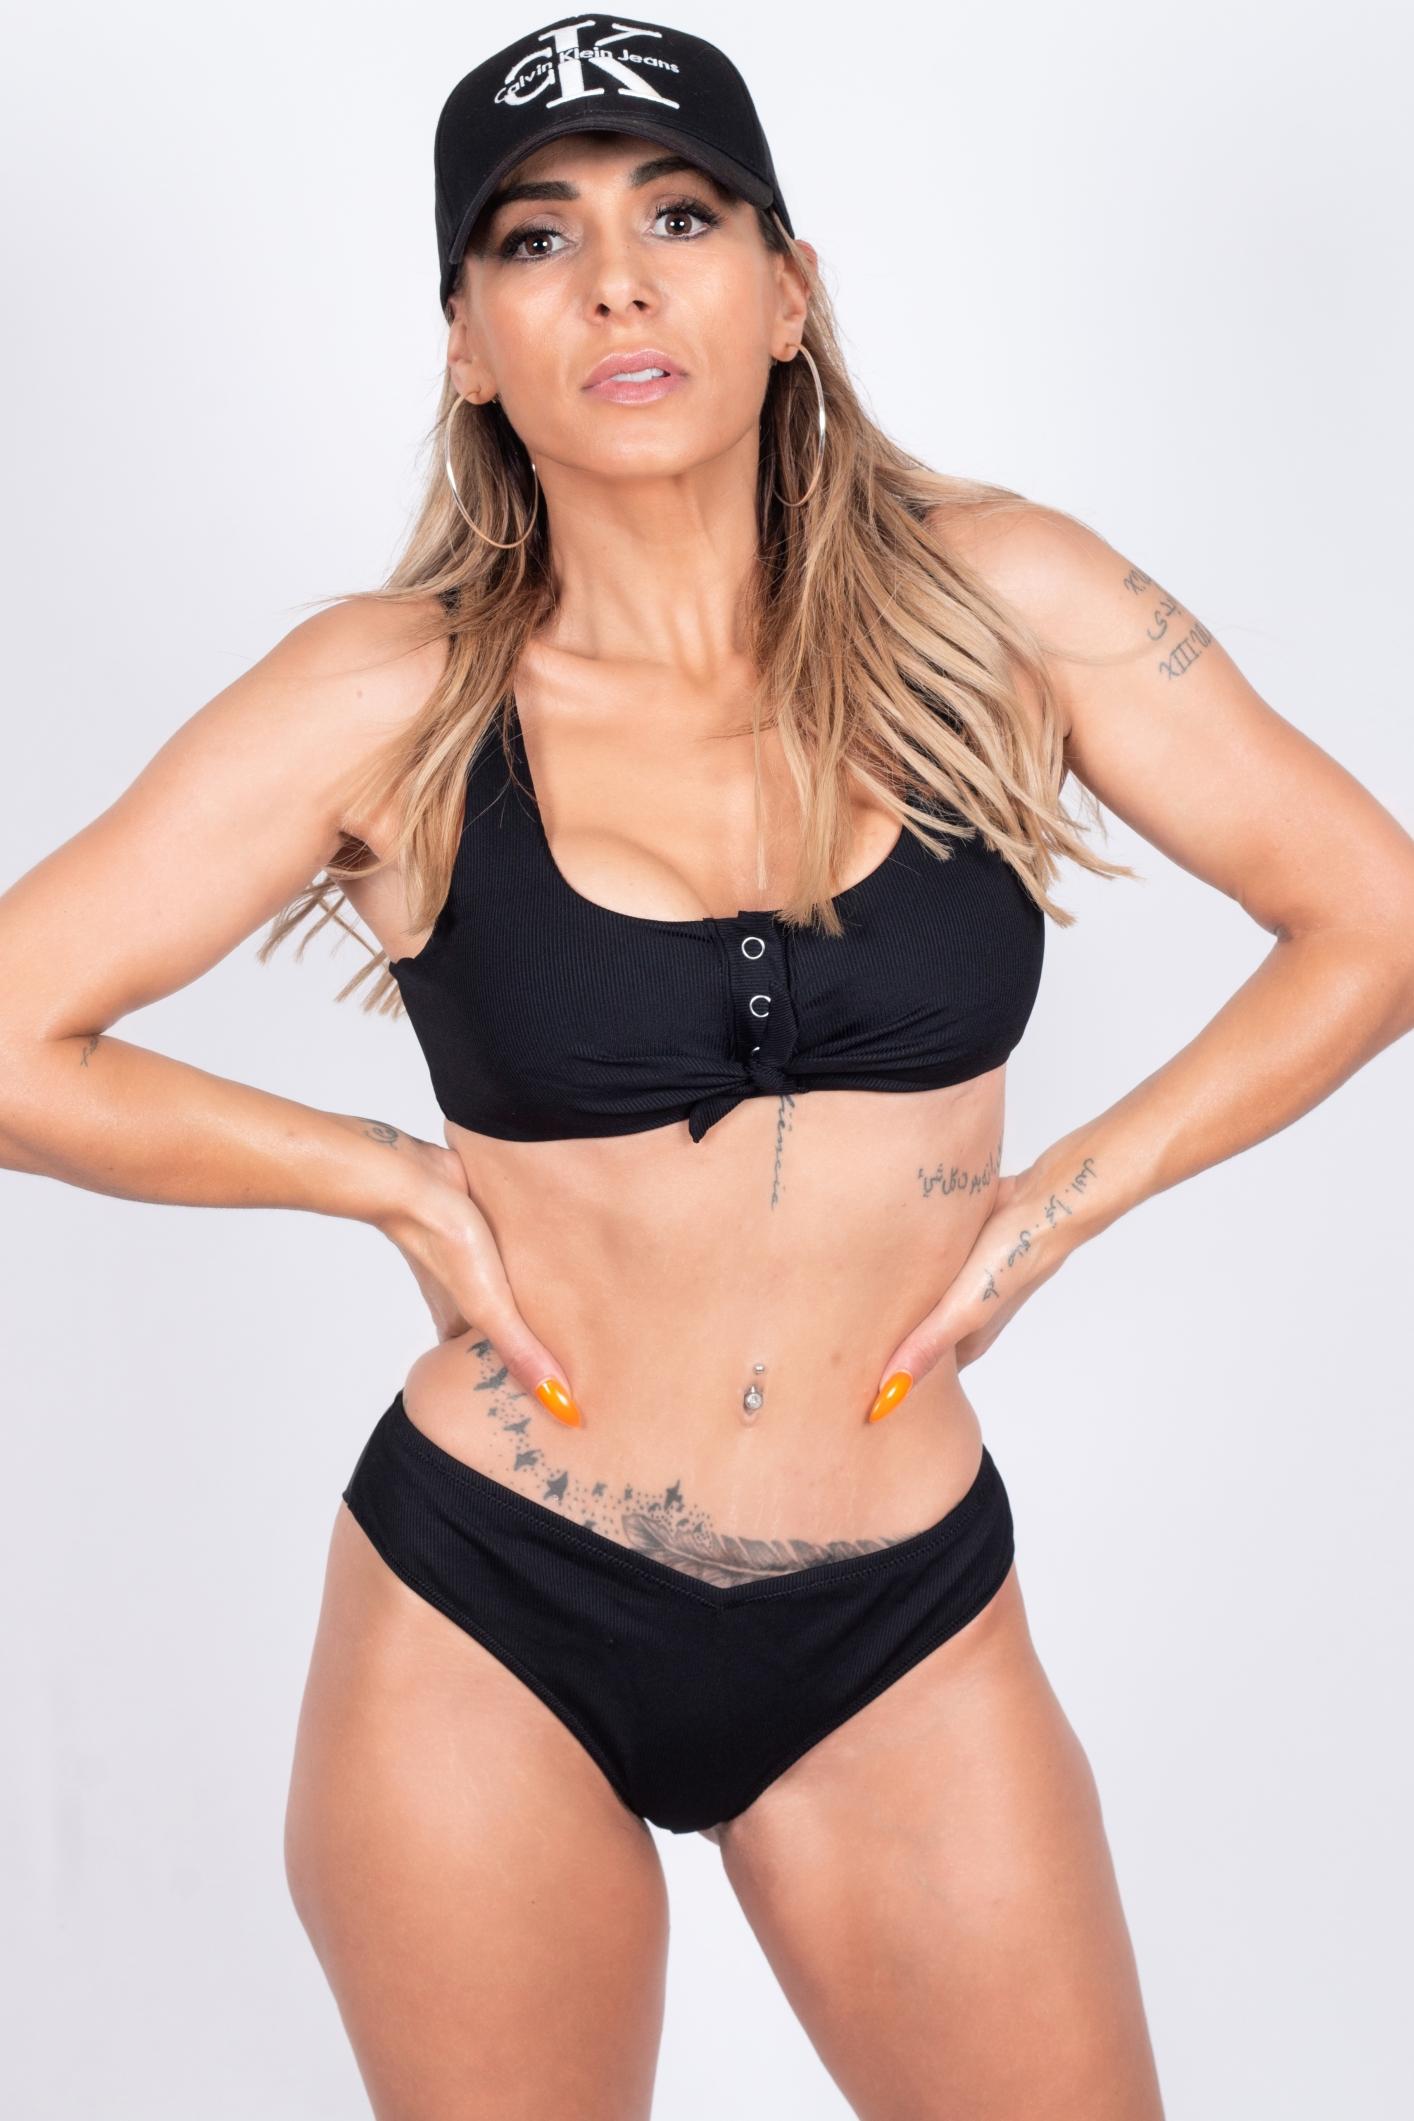 Natália Osório